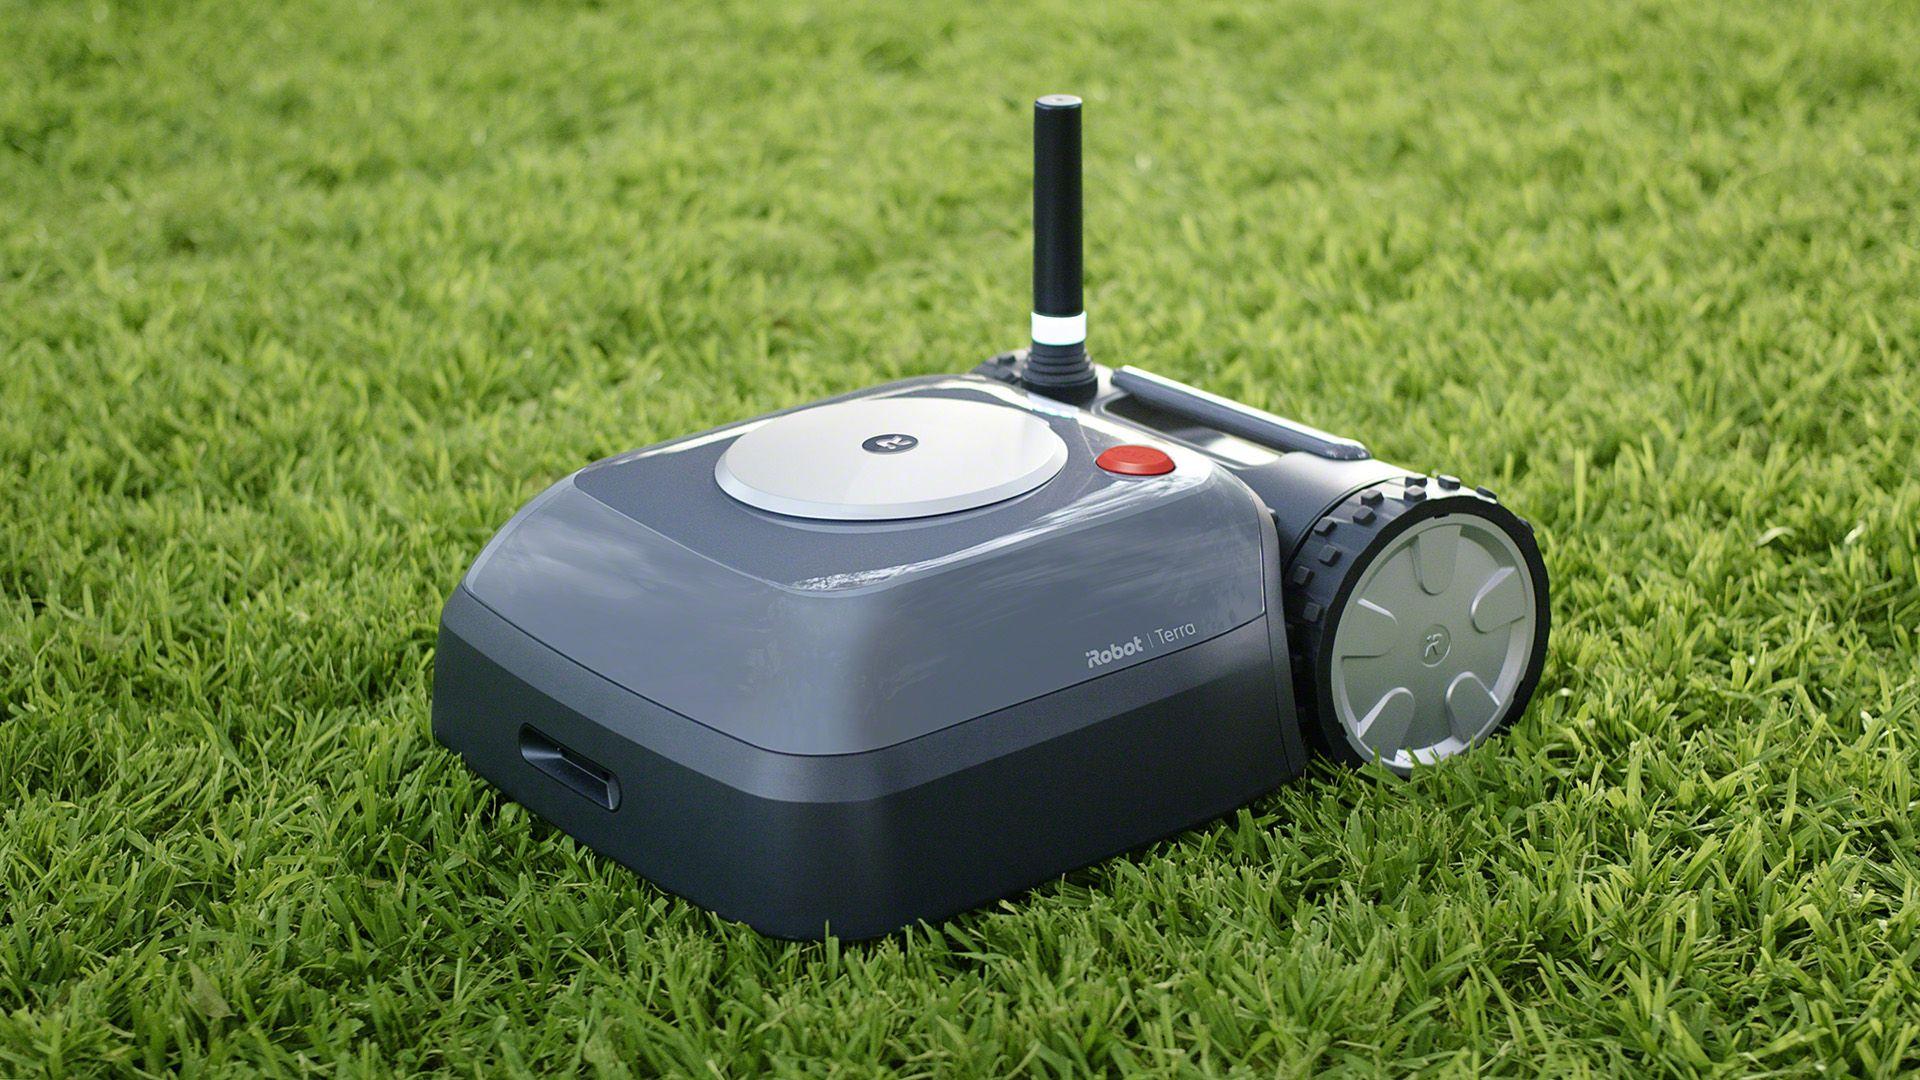 Robot tondeuse sans fil périmétrique : le guide complet 6